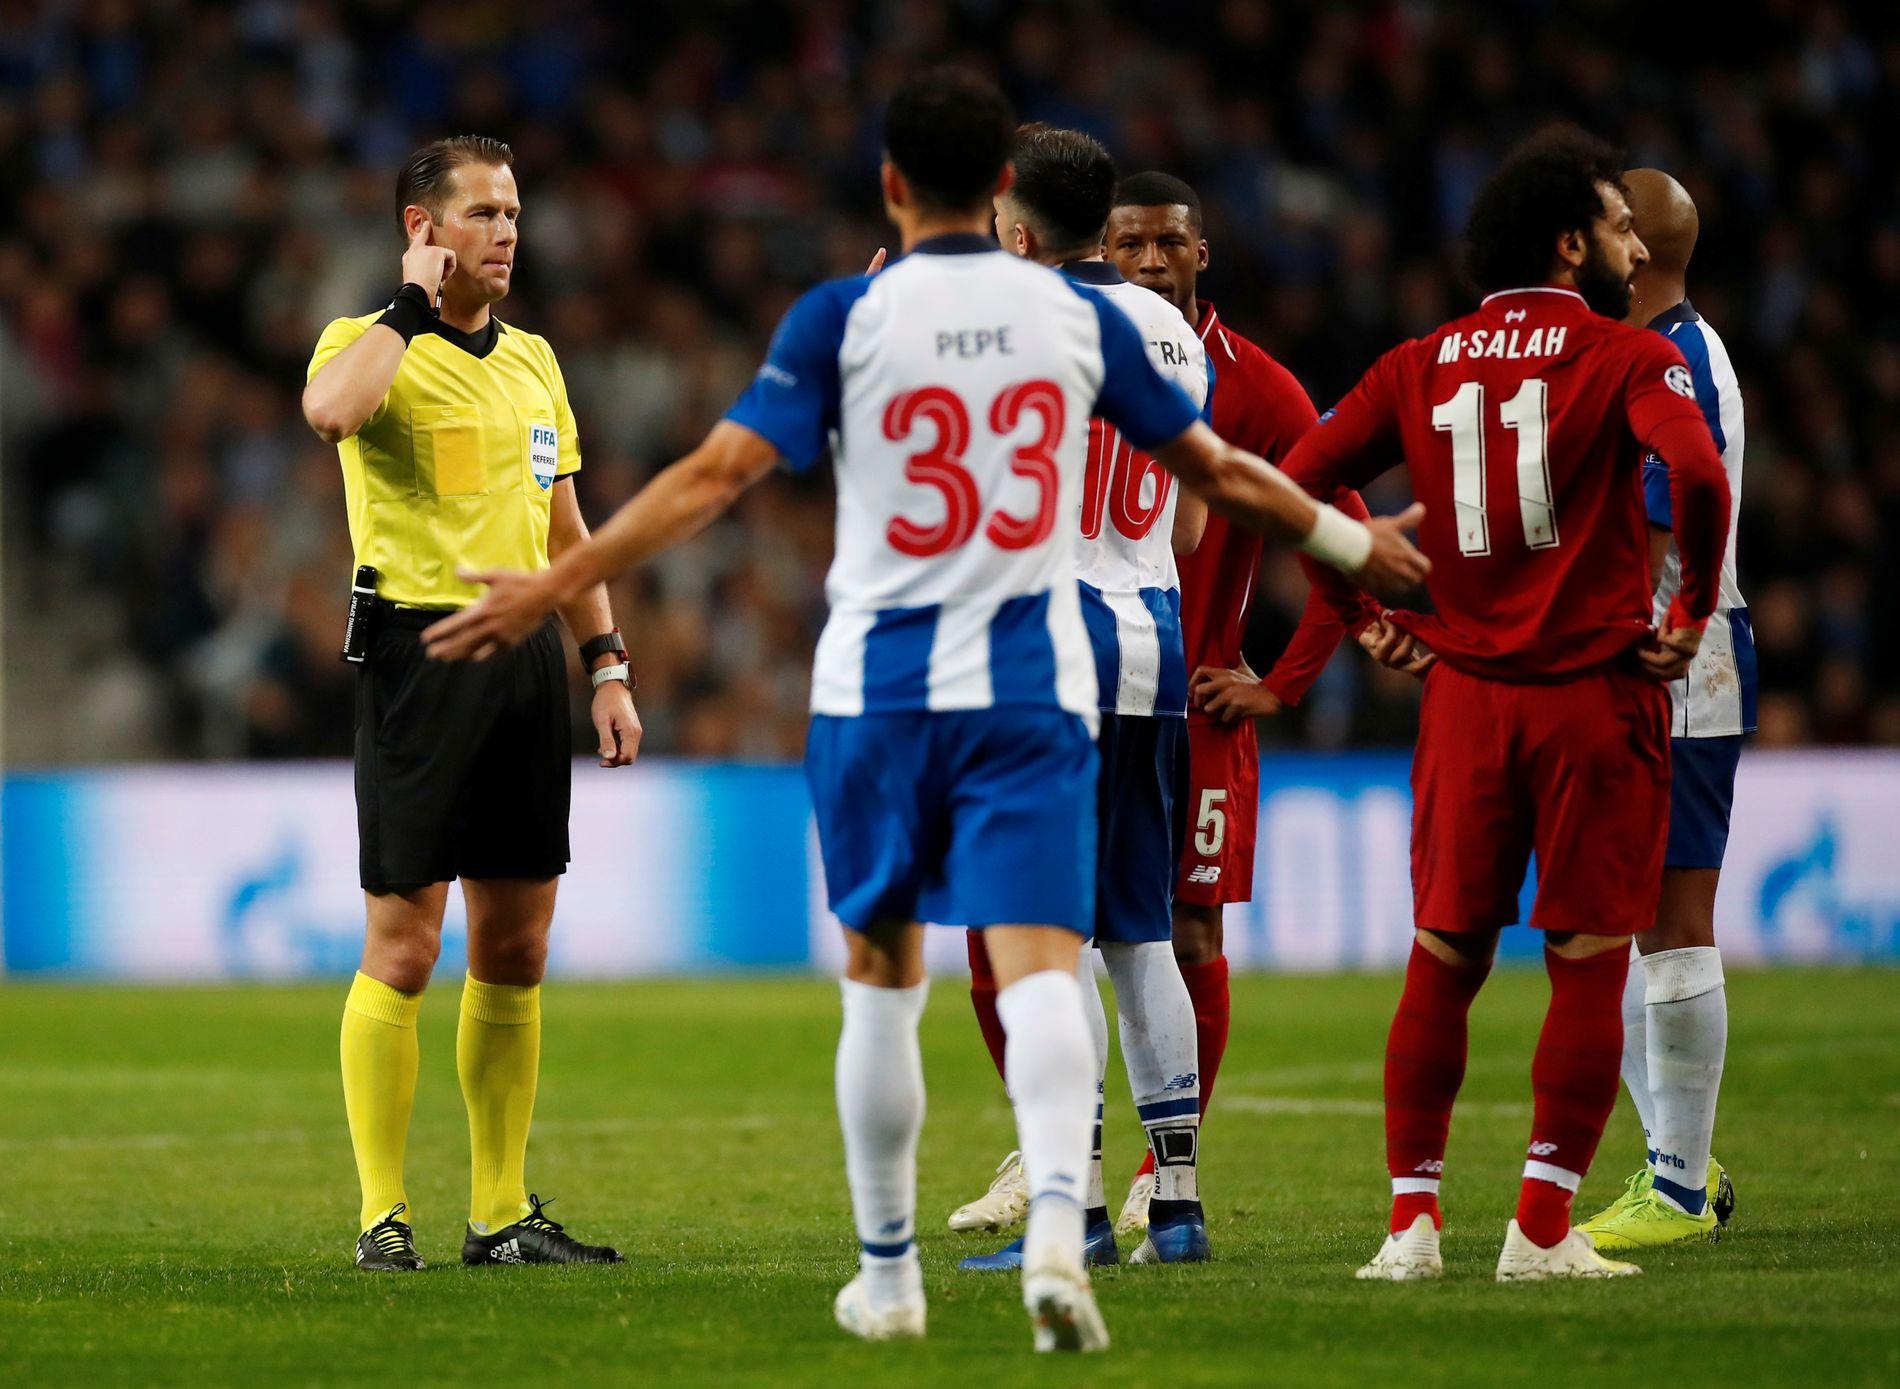 Dommer Danny Makkelie måtte ha hjelp fra VAR. Til slutt godkjente han målet som fjernet all tvil: Liverpool er i semifinalen.